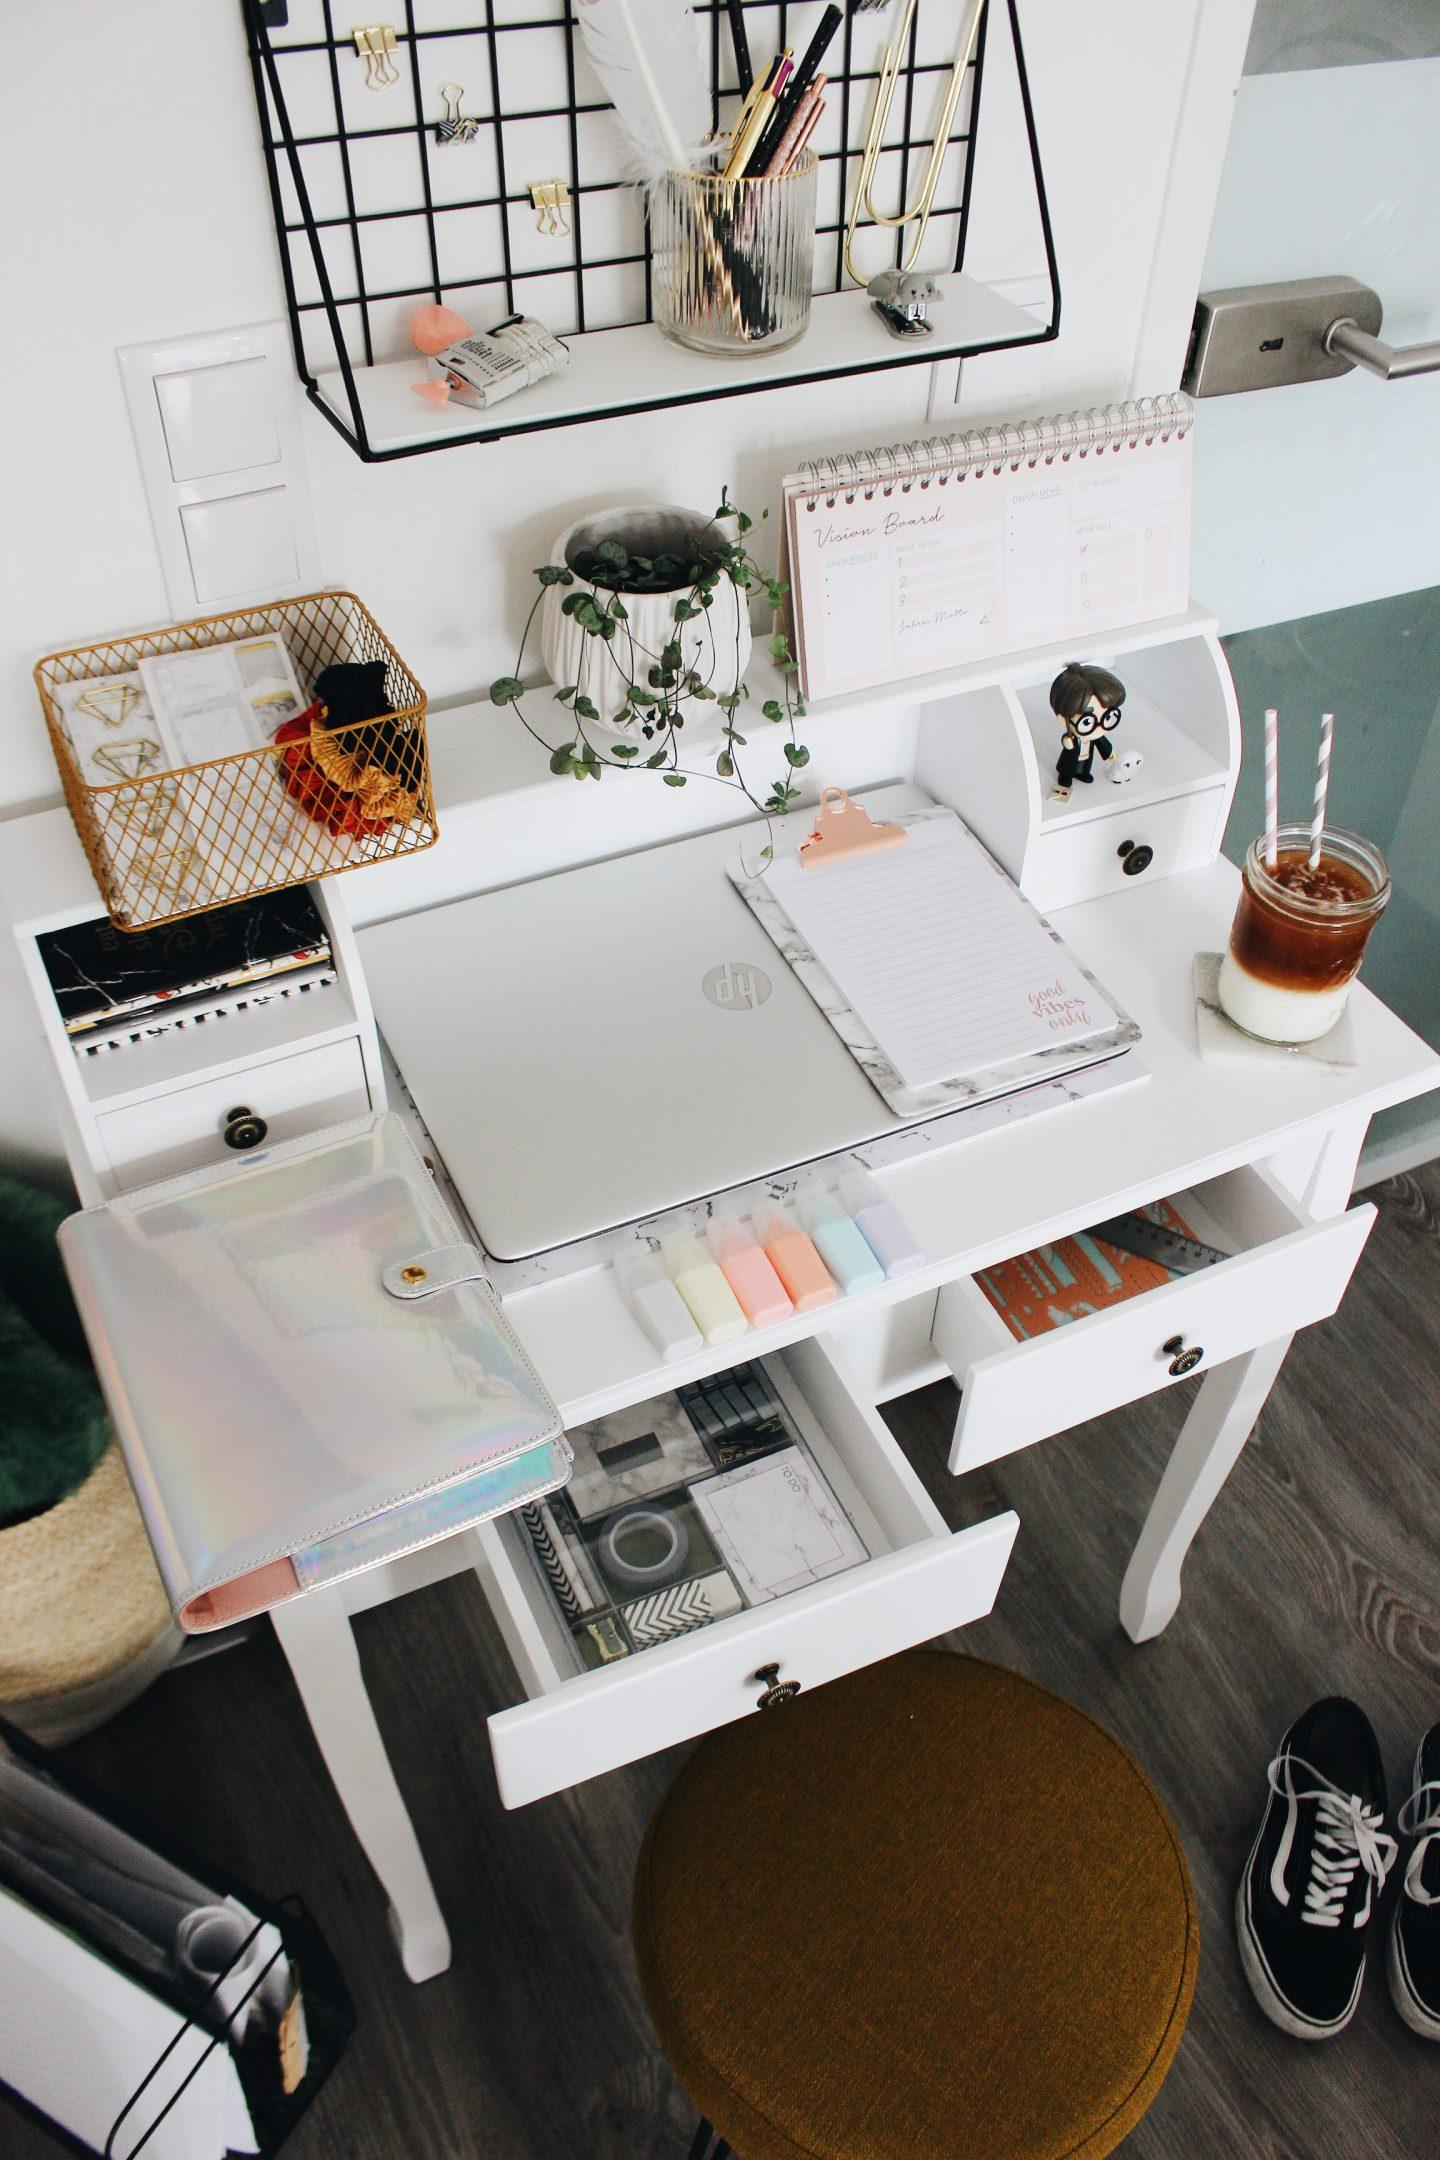 Living Minimalistisches Buro Wie Ihr Auf Kleinstem Raum Einen Home Office Arbeitsplatz Im Wohnzimmer Einrichten Konnt Starlights In The Kitchen